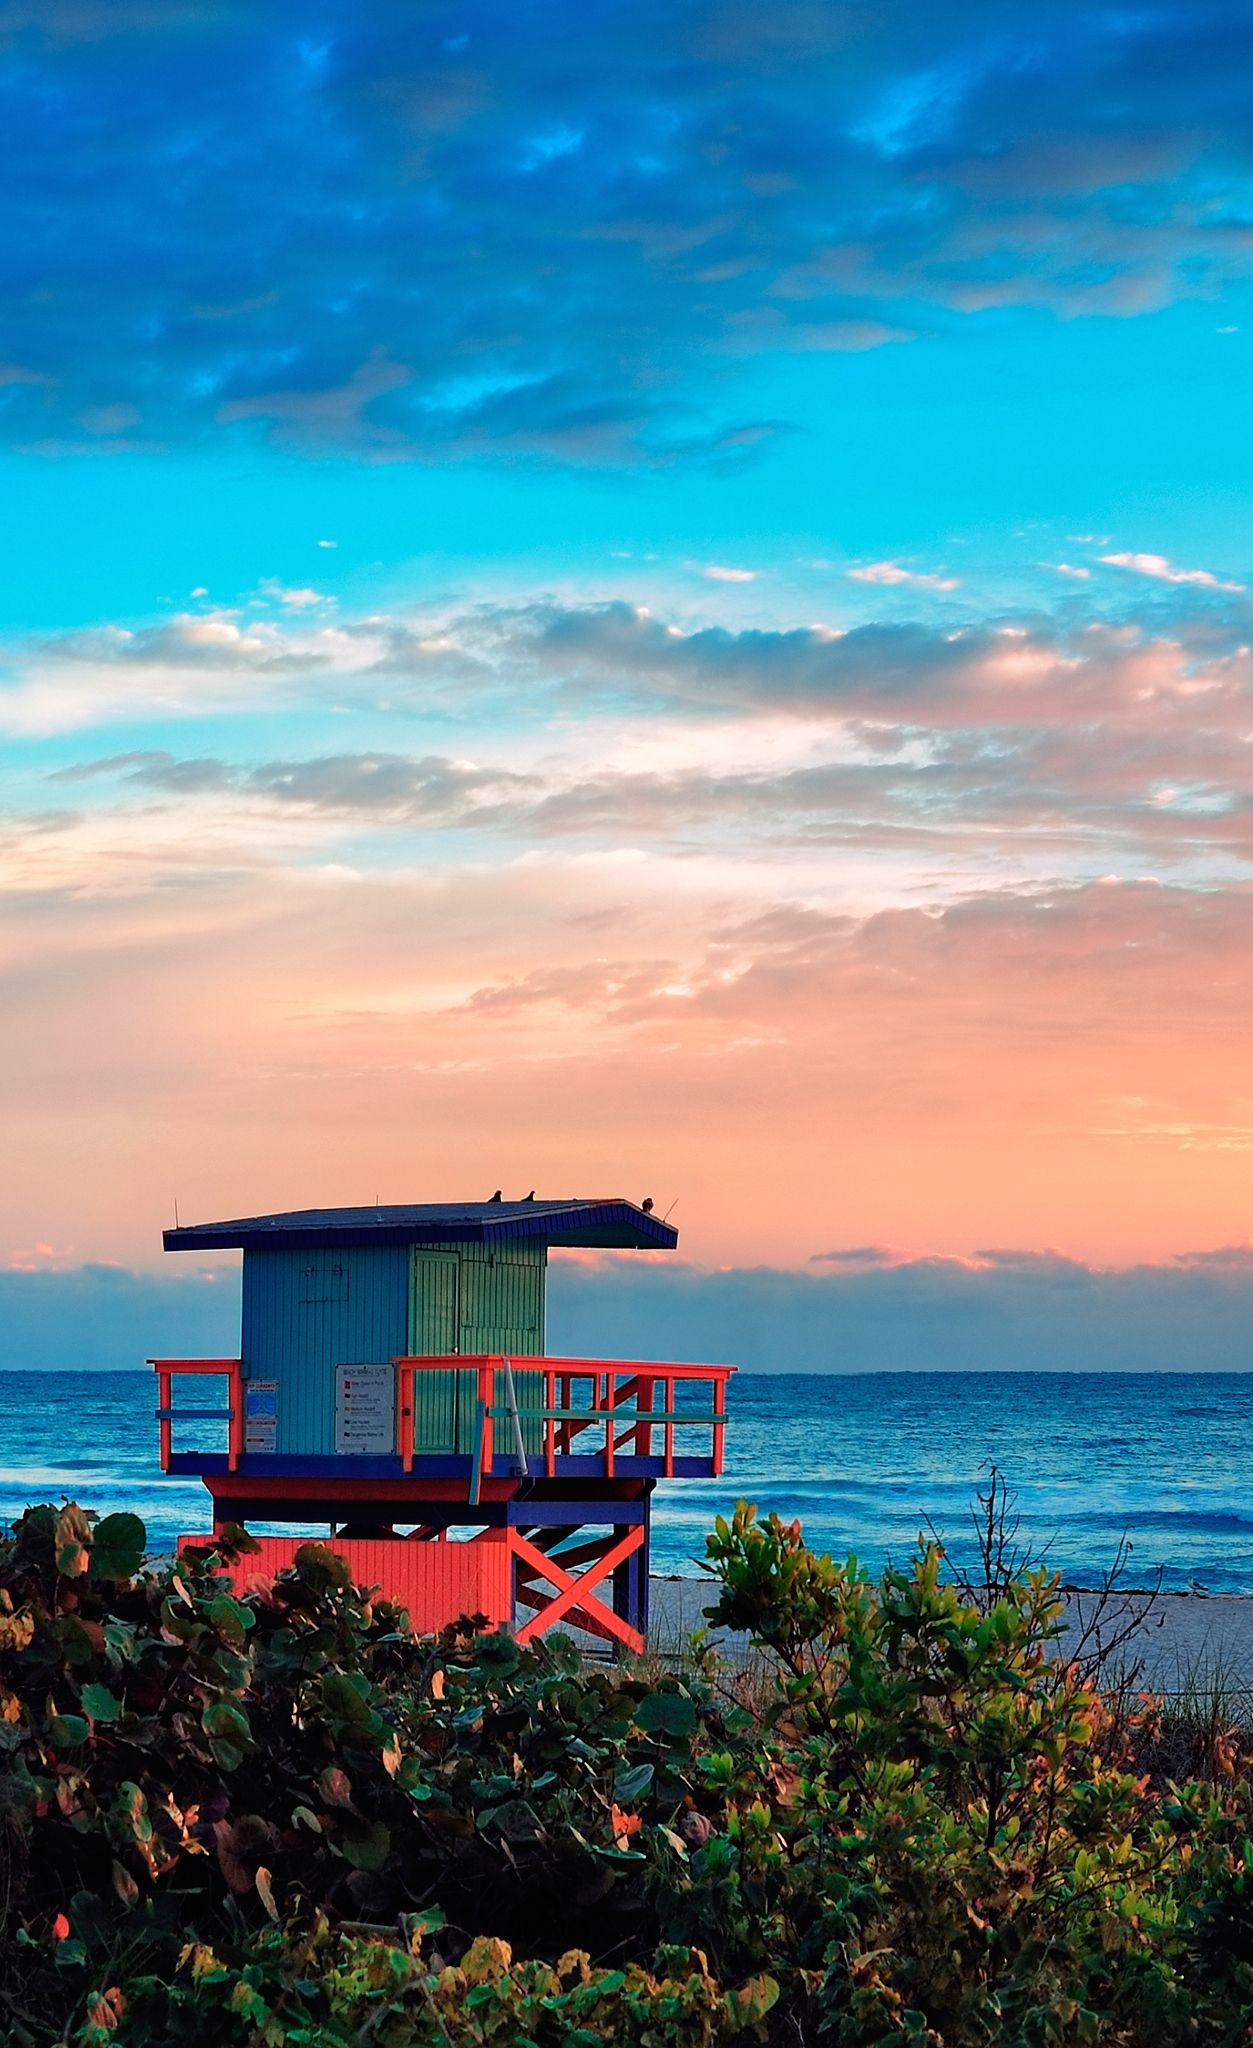 erta USA Estancia Miami HotelGrandBeach desde 1 135